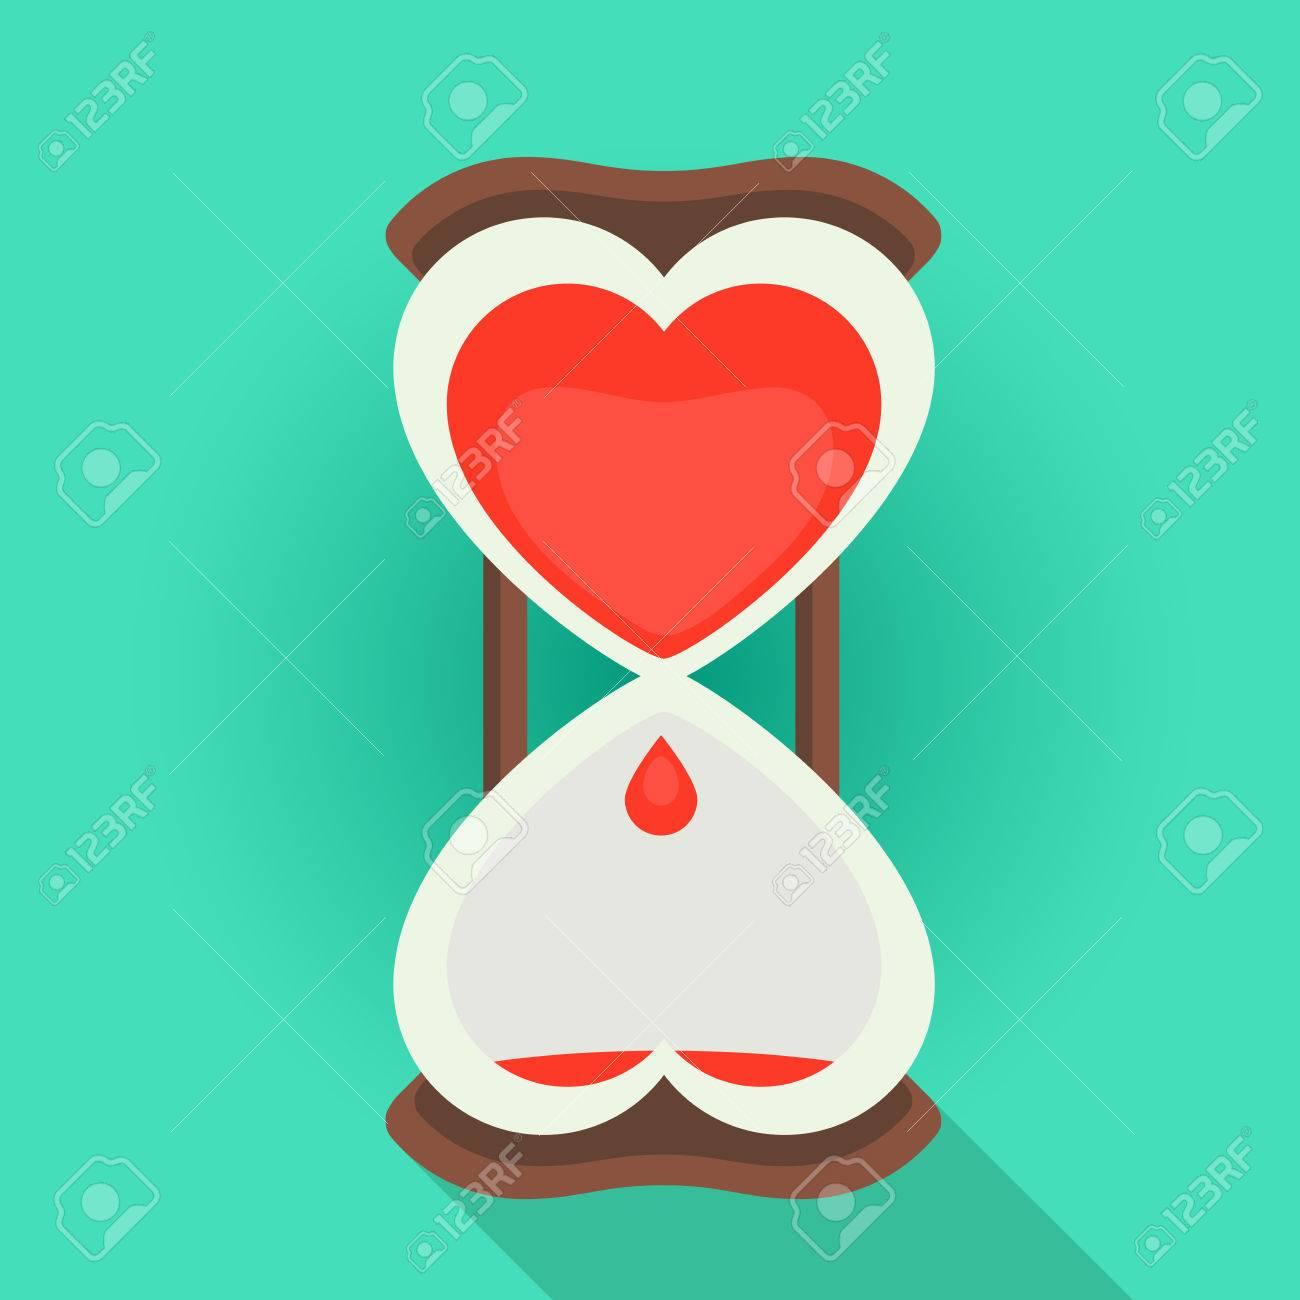 Tiempo Estilo Arena El Reloj Del Vectorial Amor Pasar Sangrado En Con De Relojes La Corazón Forma Interior Ilustración Plano Un 4AjRL5